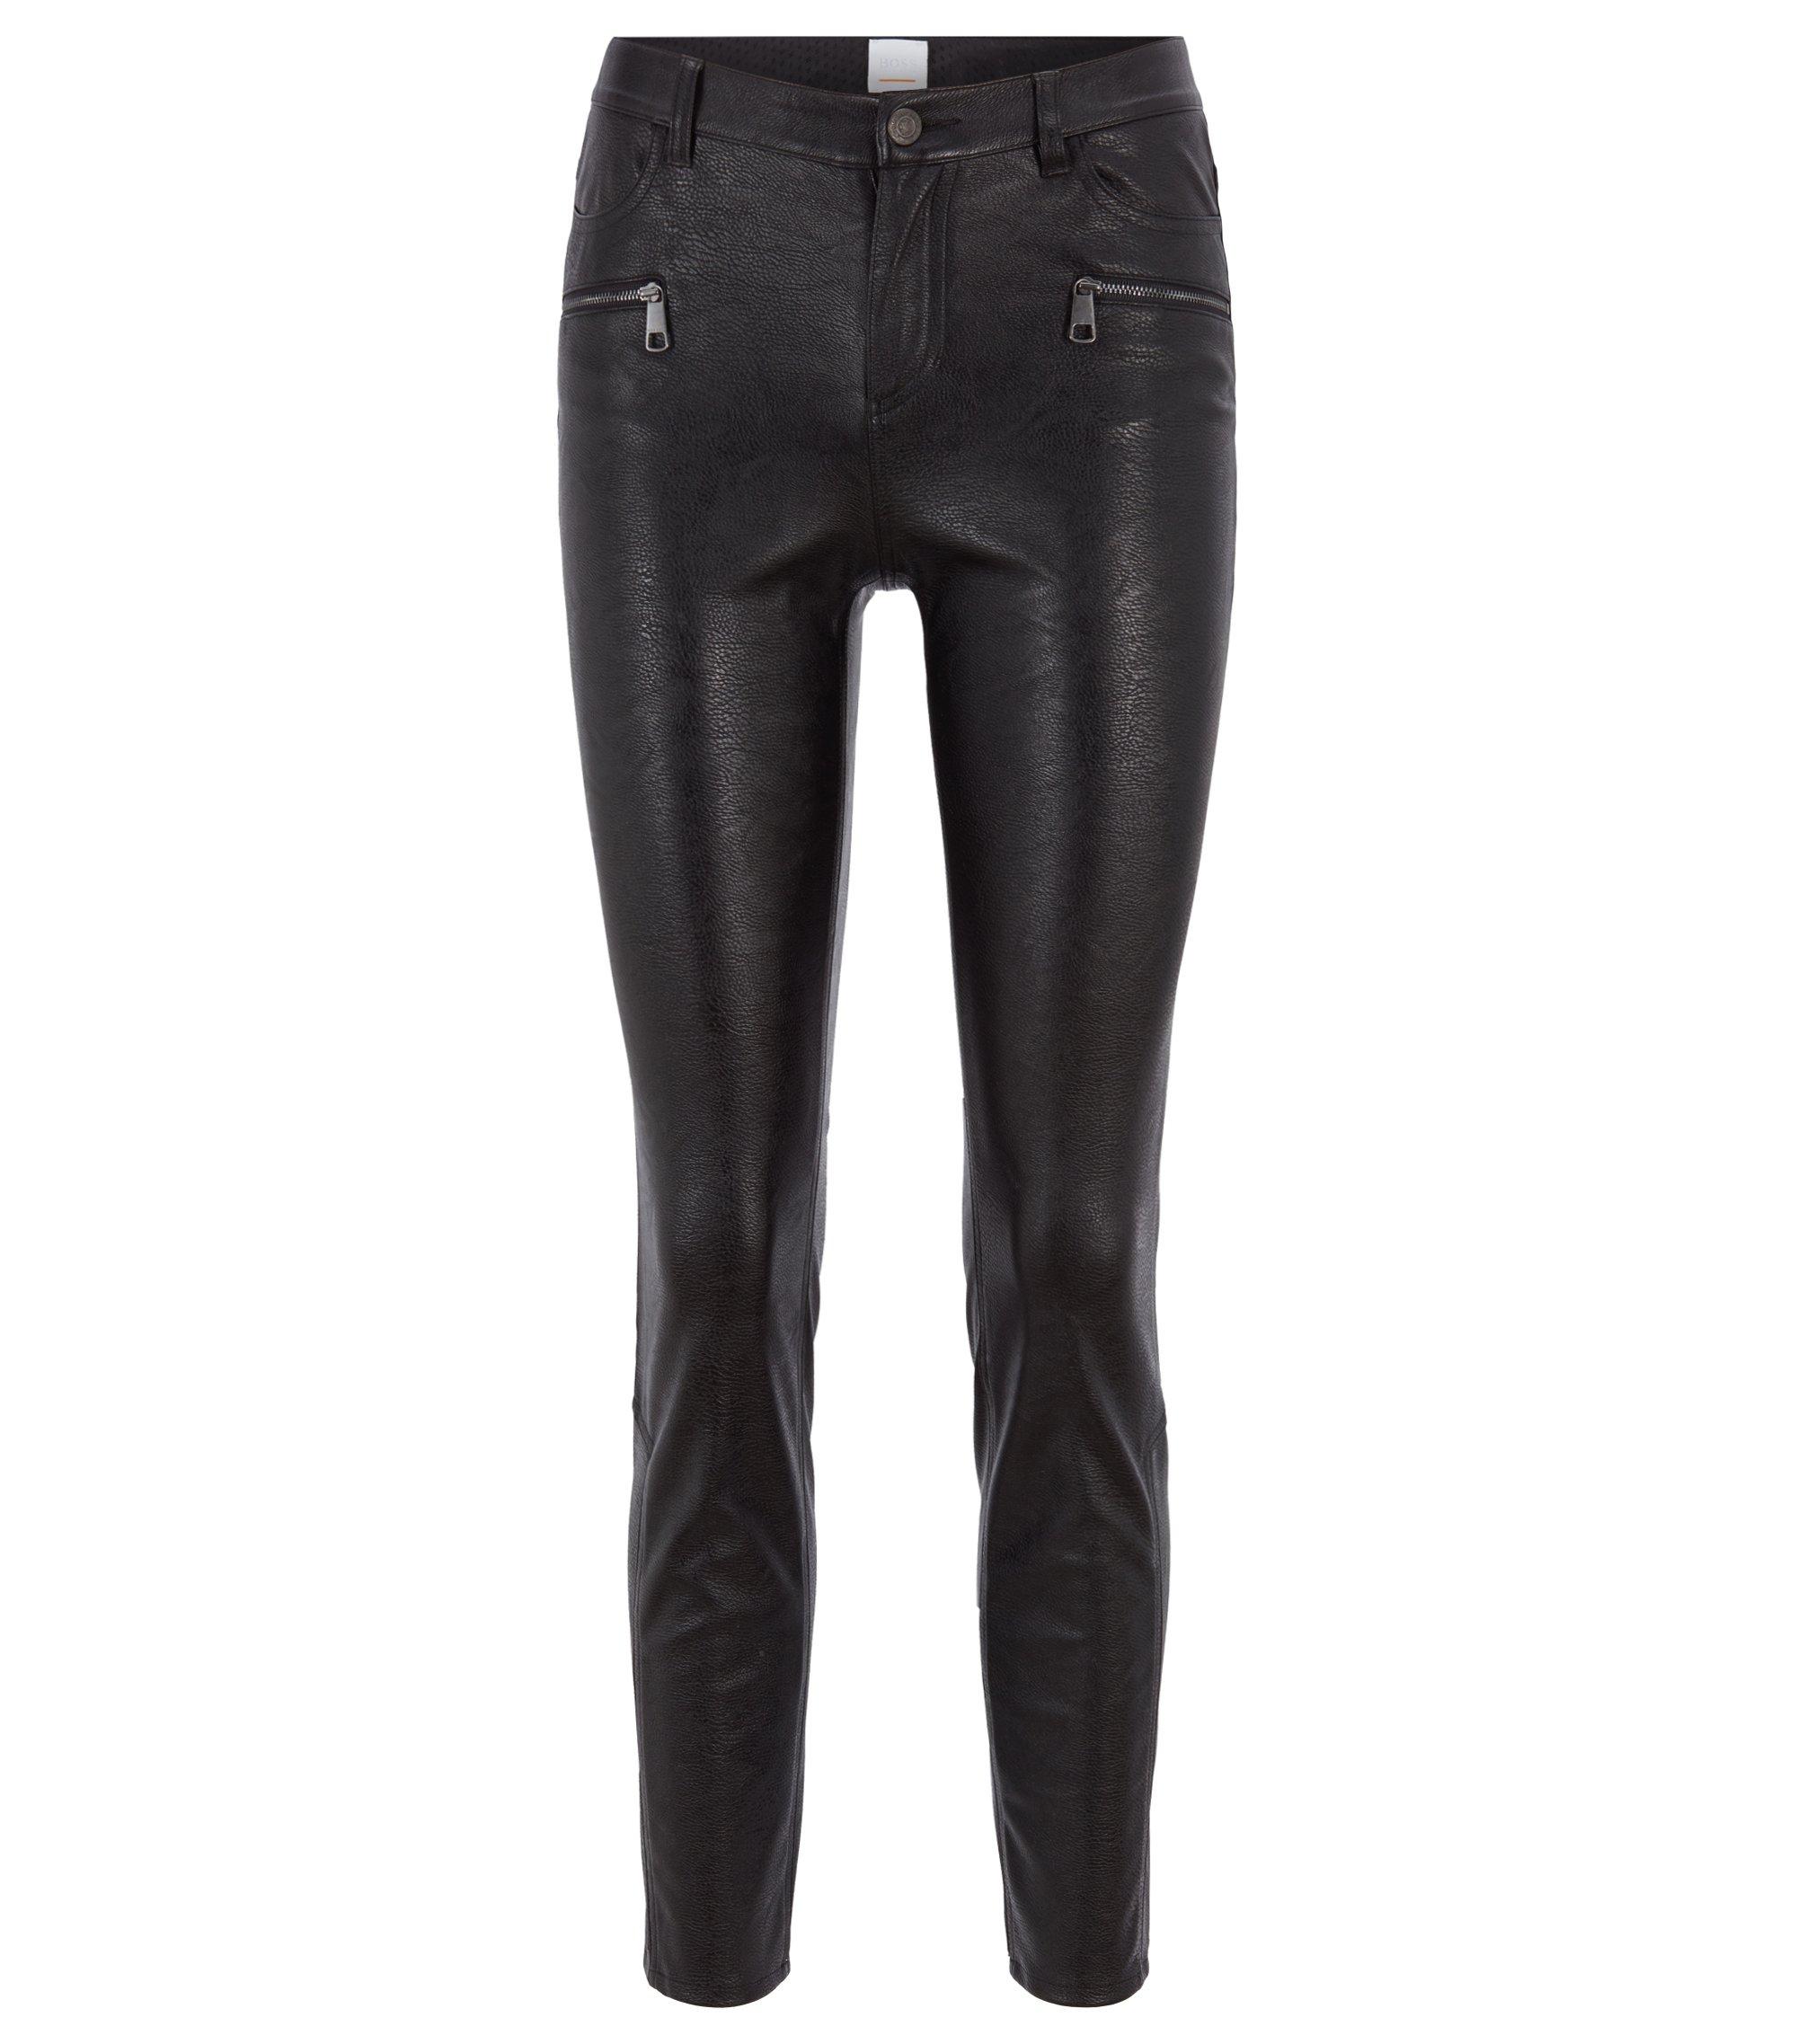 Slim-Fit Hose aus Kunstleder mit Reißverschluss-Details, Schwarz